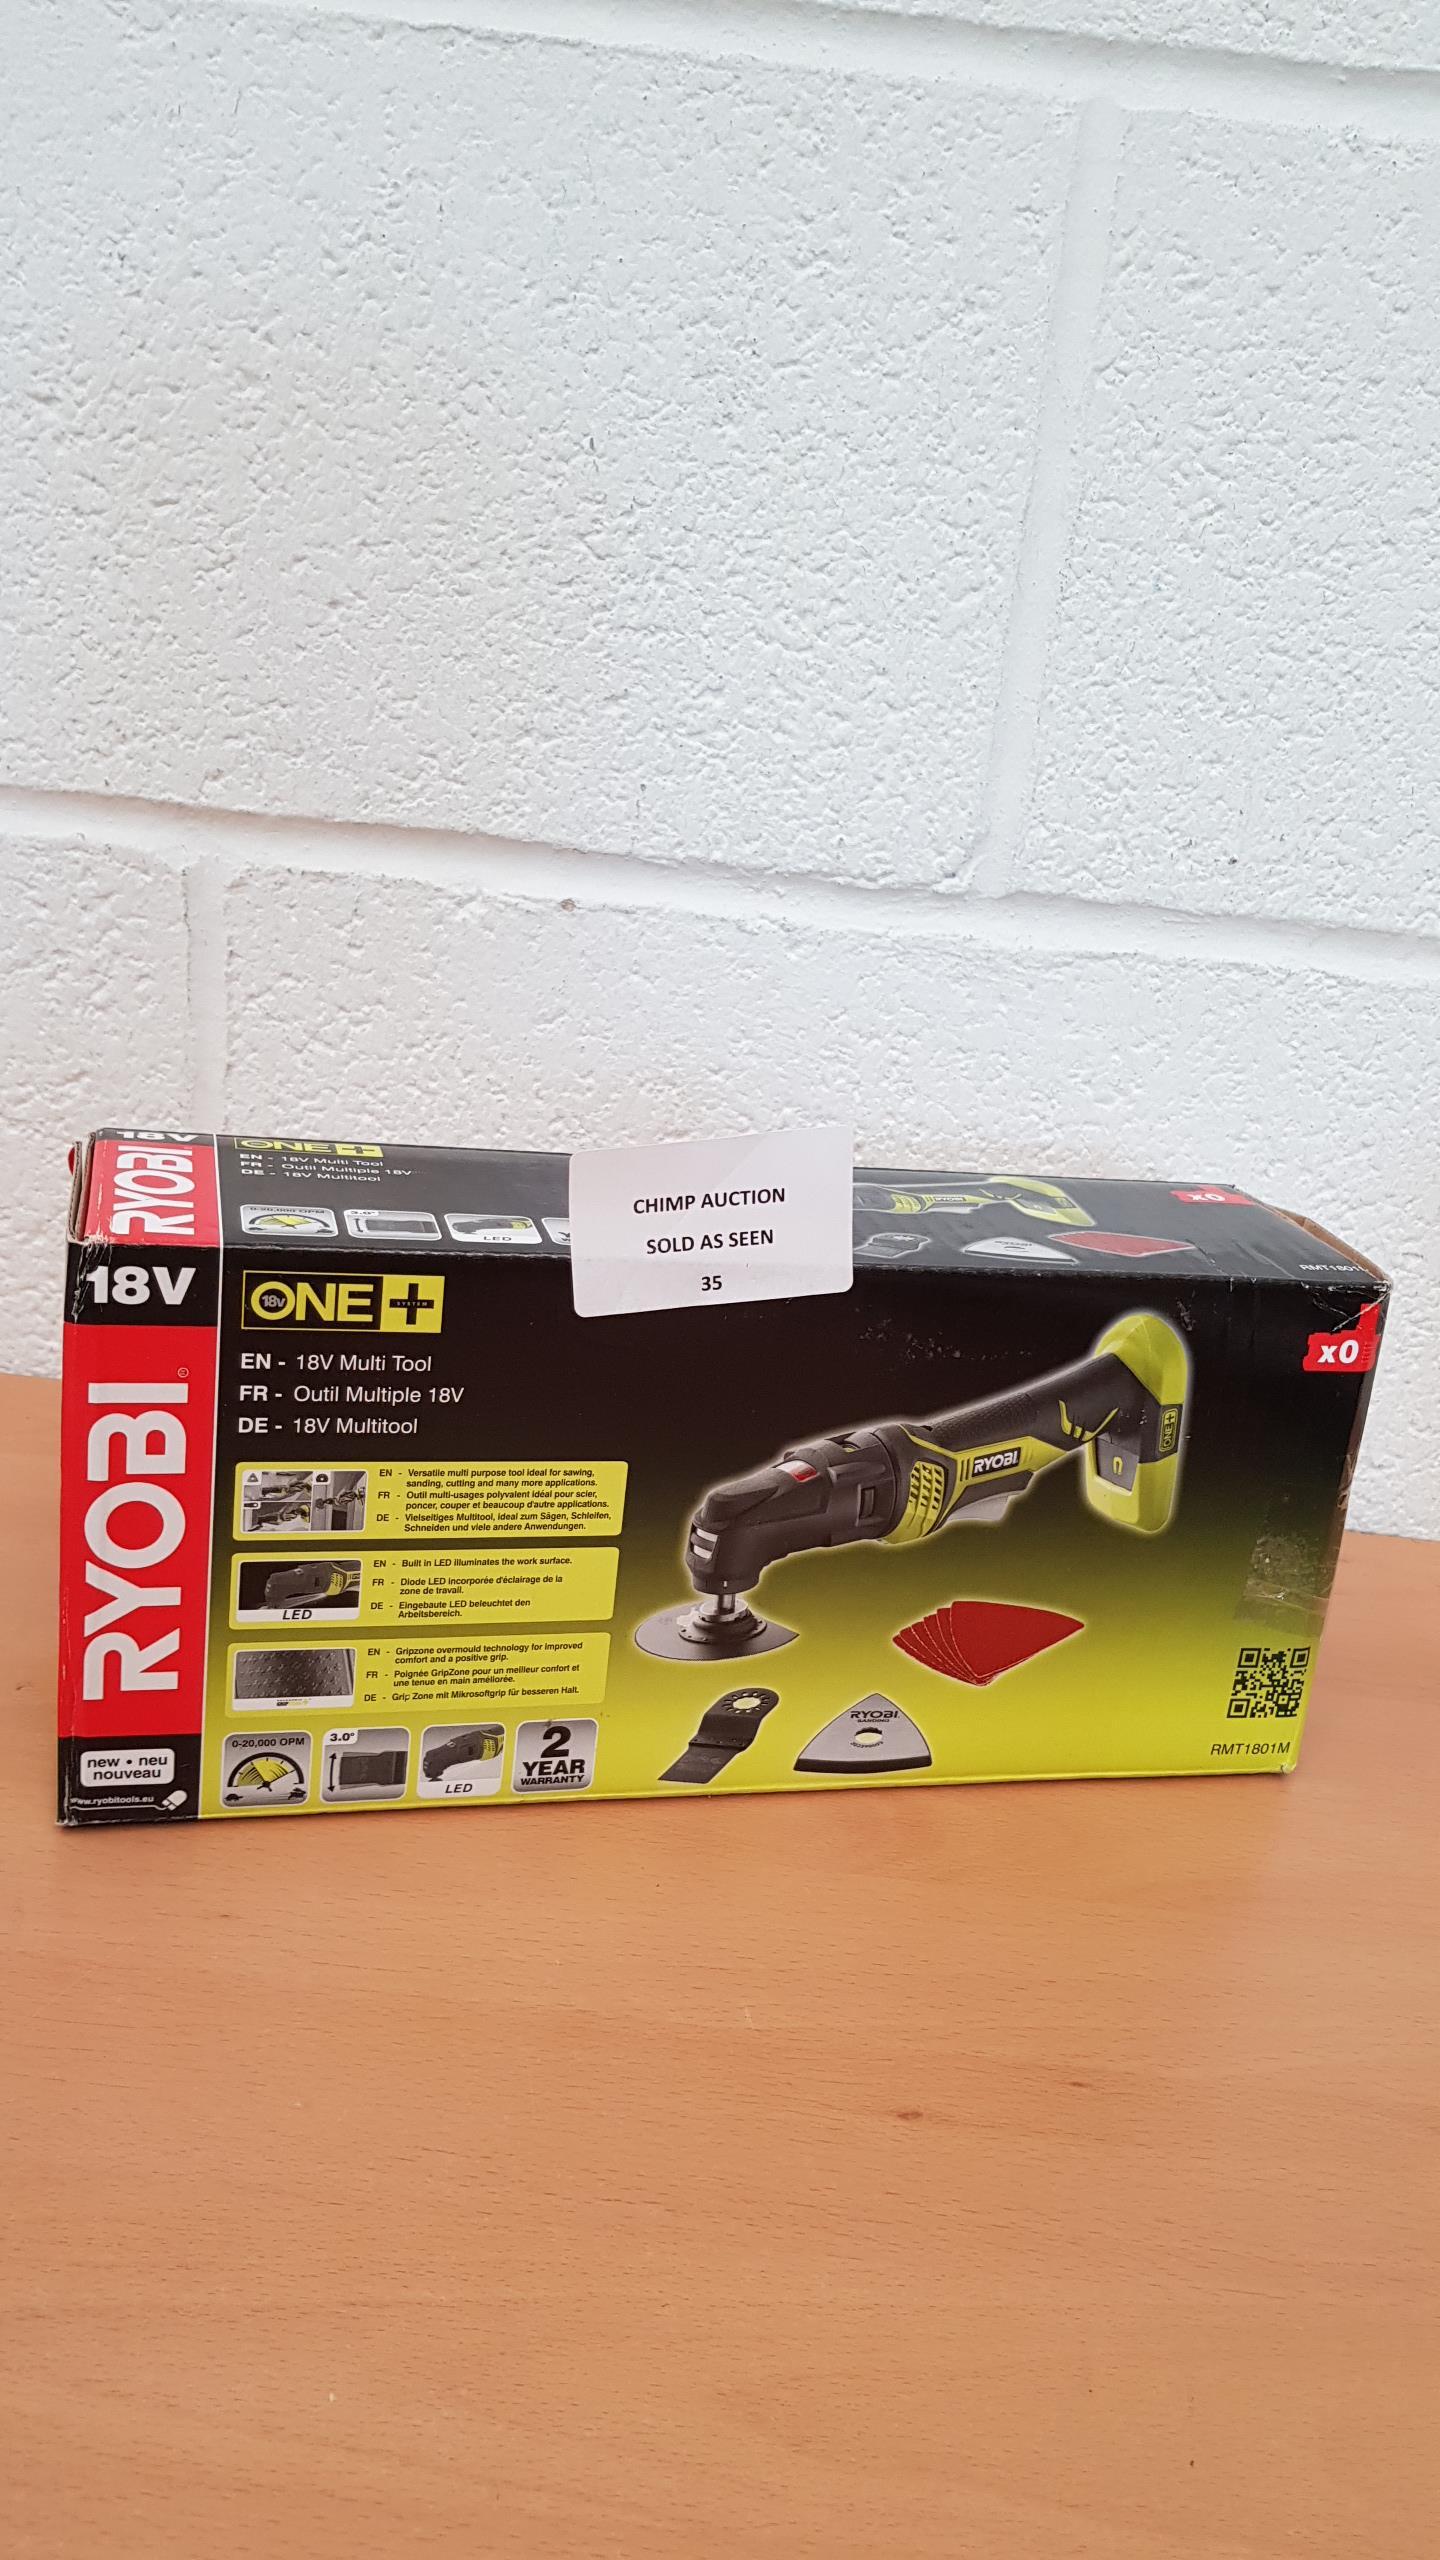 Lot 35 - Ryobi RMT1801M One+ Multi Tool, 18 V RRP £89.99